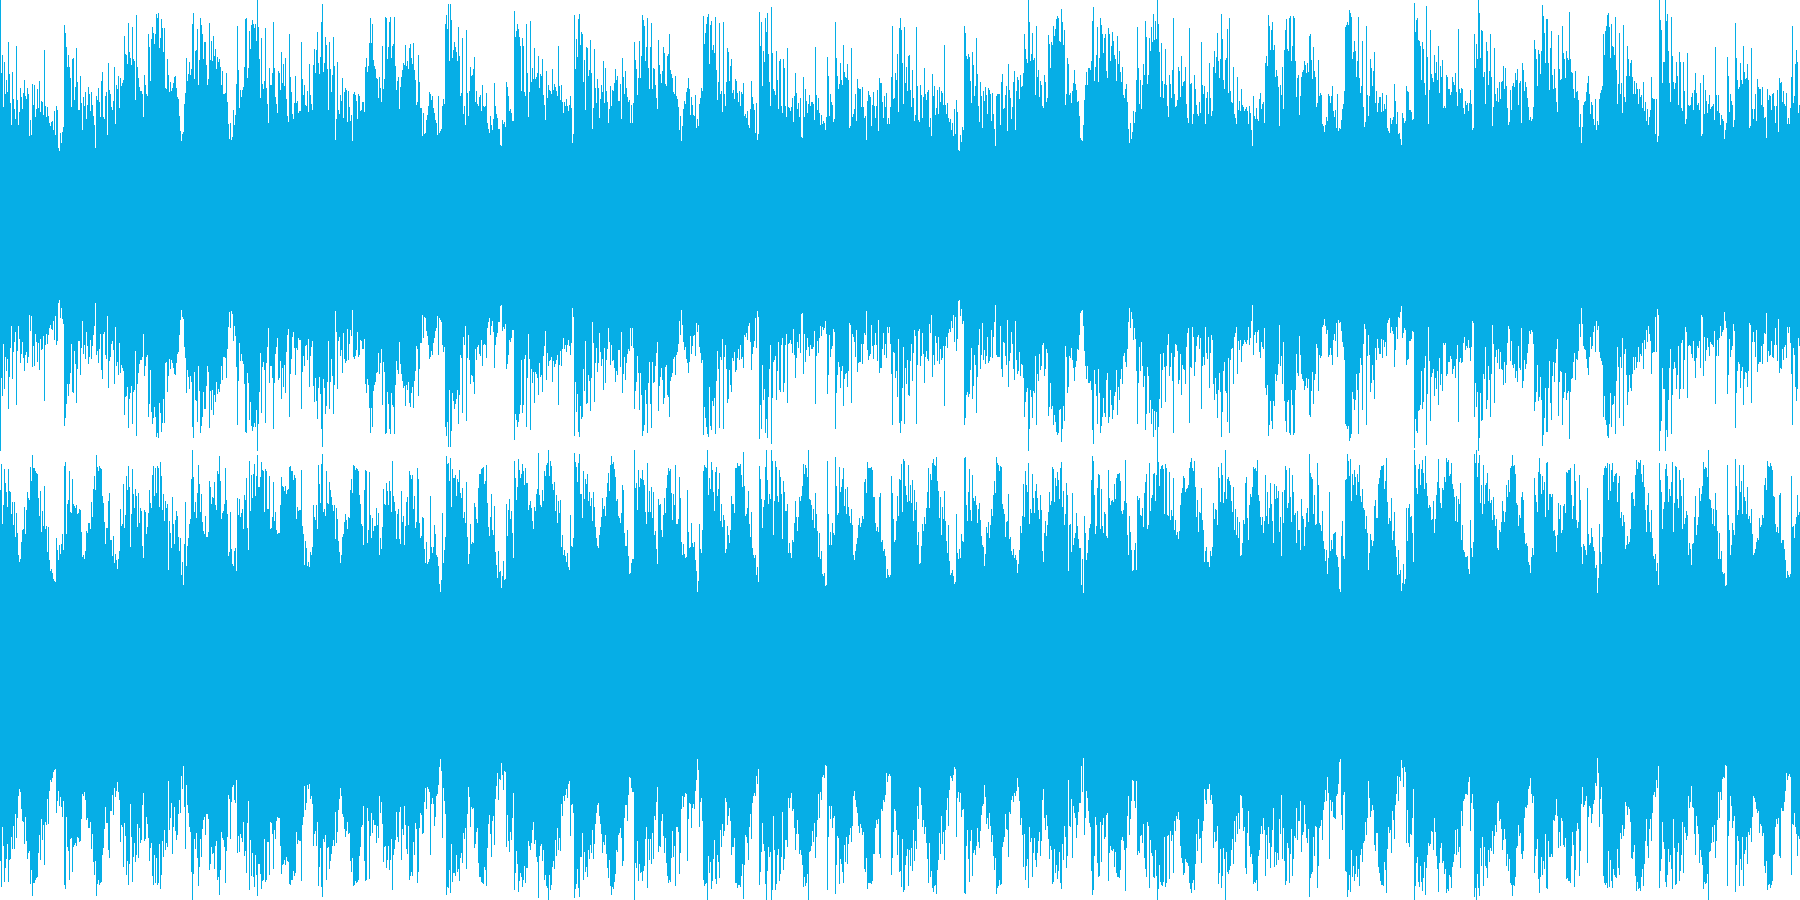 ファンタジーやホラー系などの不気味なシ…の再生済みの波形